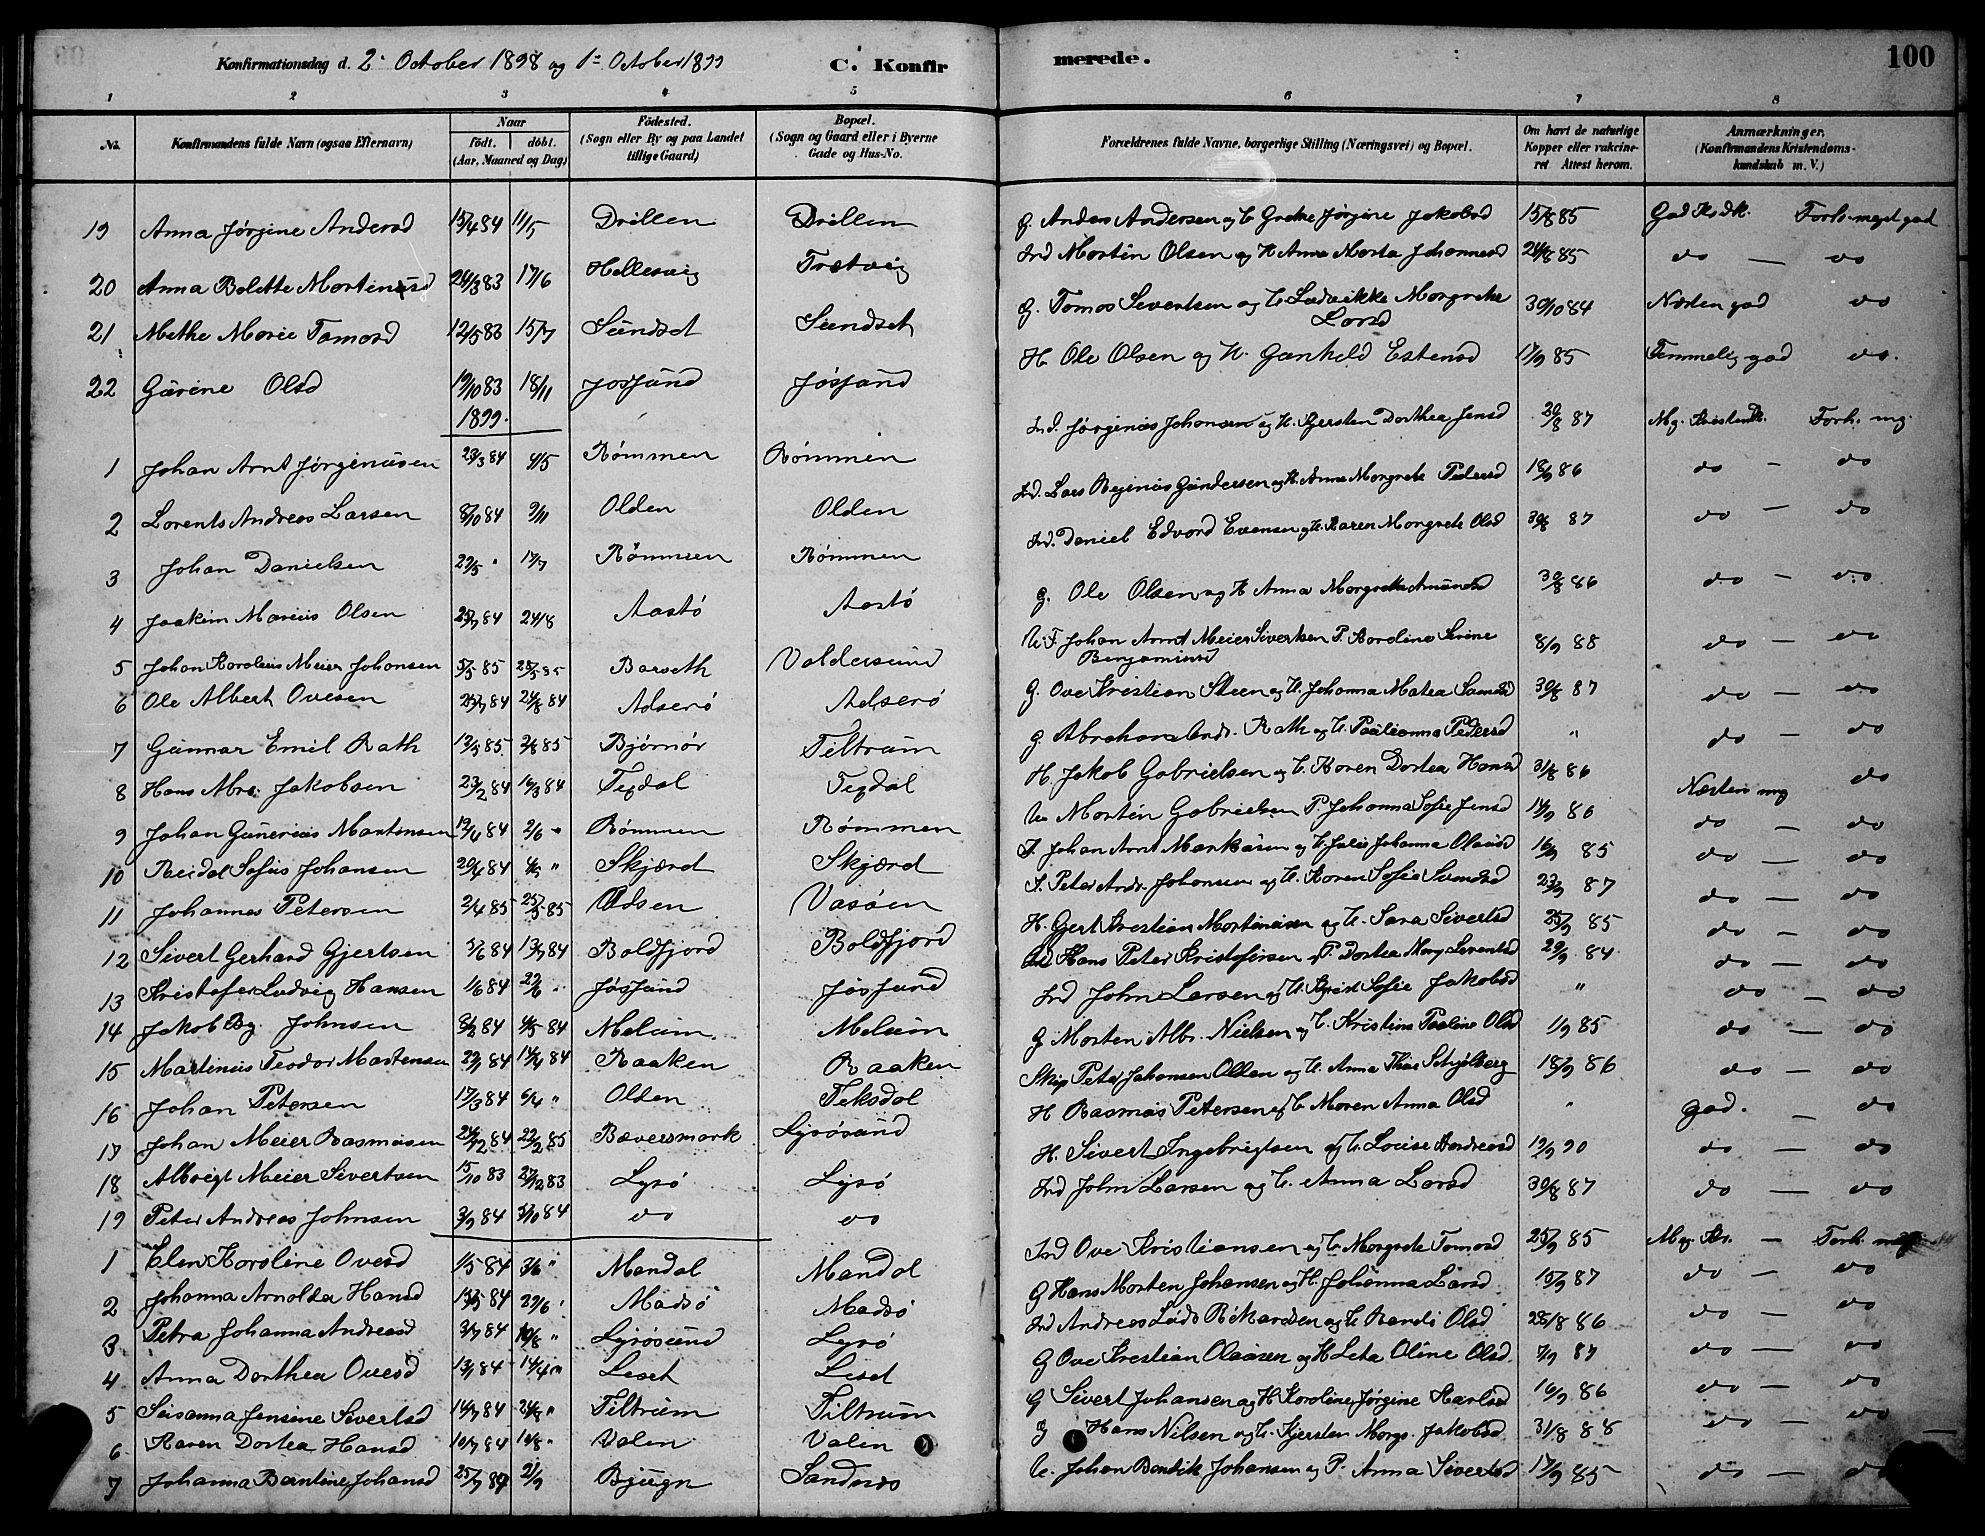 SAT, Ministerialprotokoller, klokkerbøker og fødselsregistre - Sør-Trøndelag, 654/L0665: Klokkerbok nr. 654C01, 1879-1901, s. 100